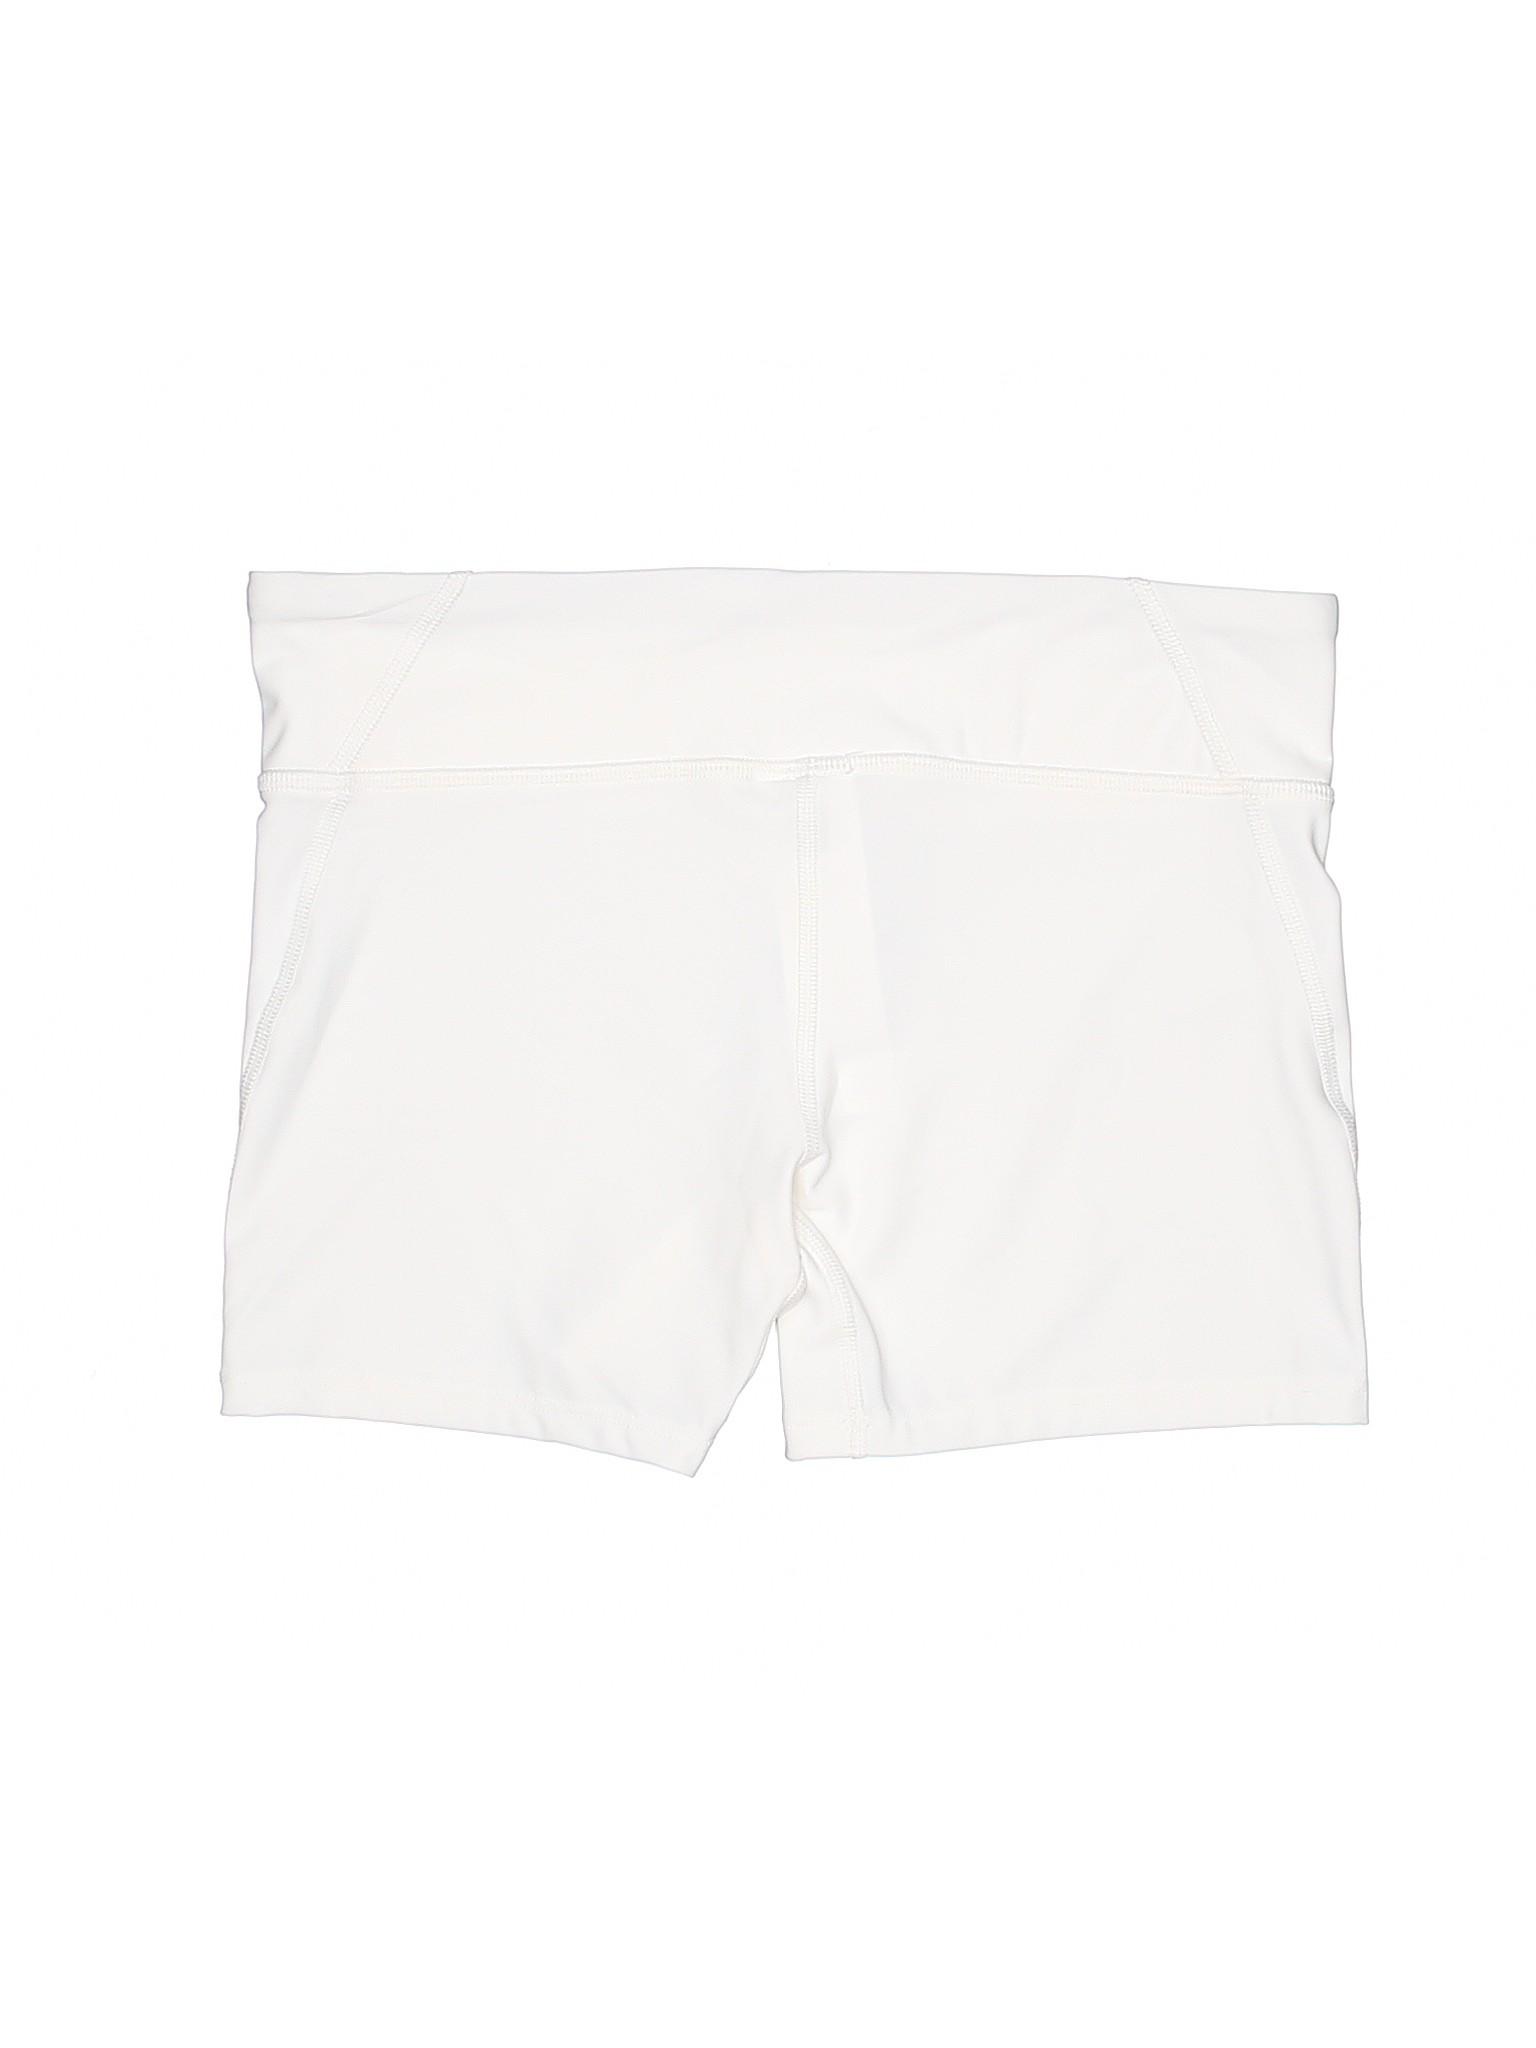 Shorts Boutique Boutique Under Athletic Armour Athletic Armour Under Under Boutique Shorts Tqqtd